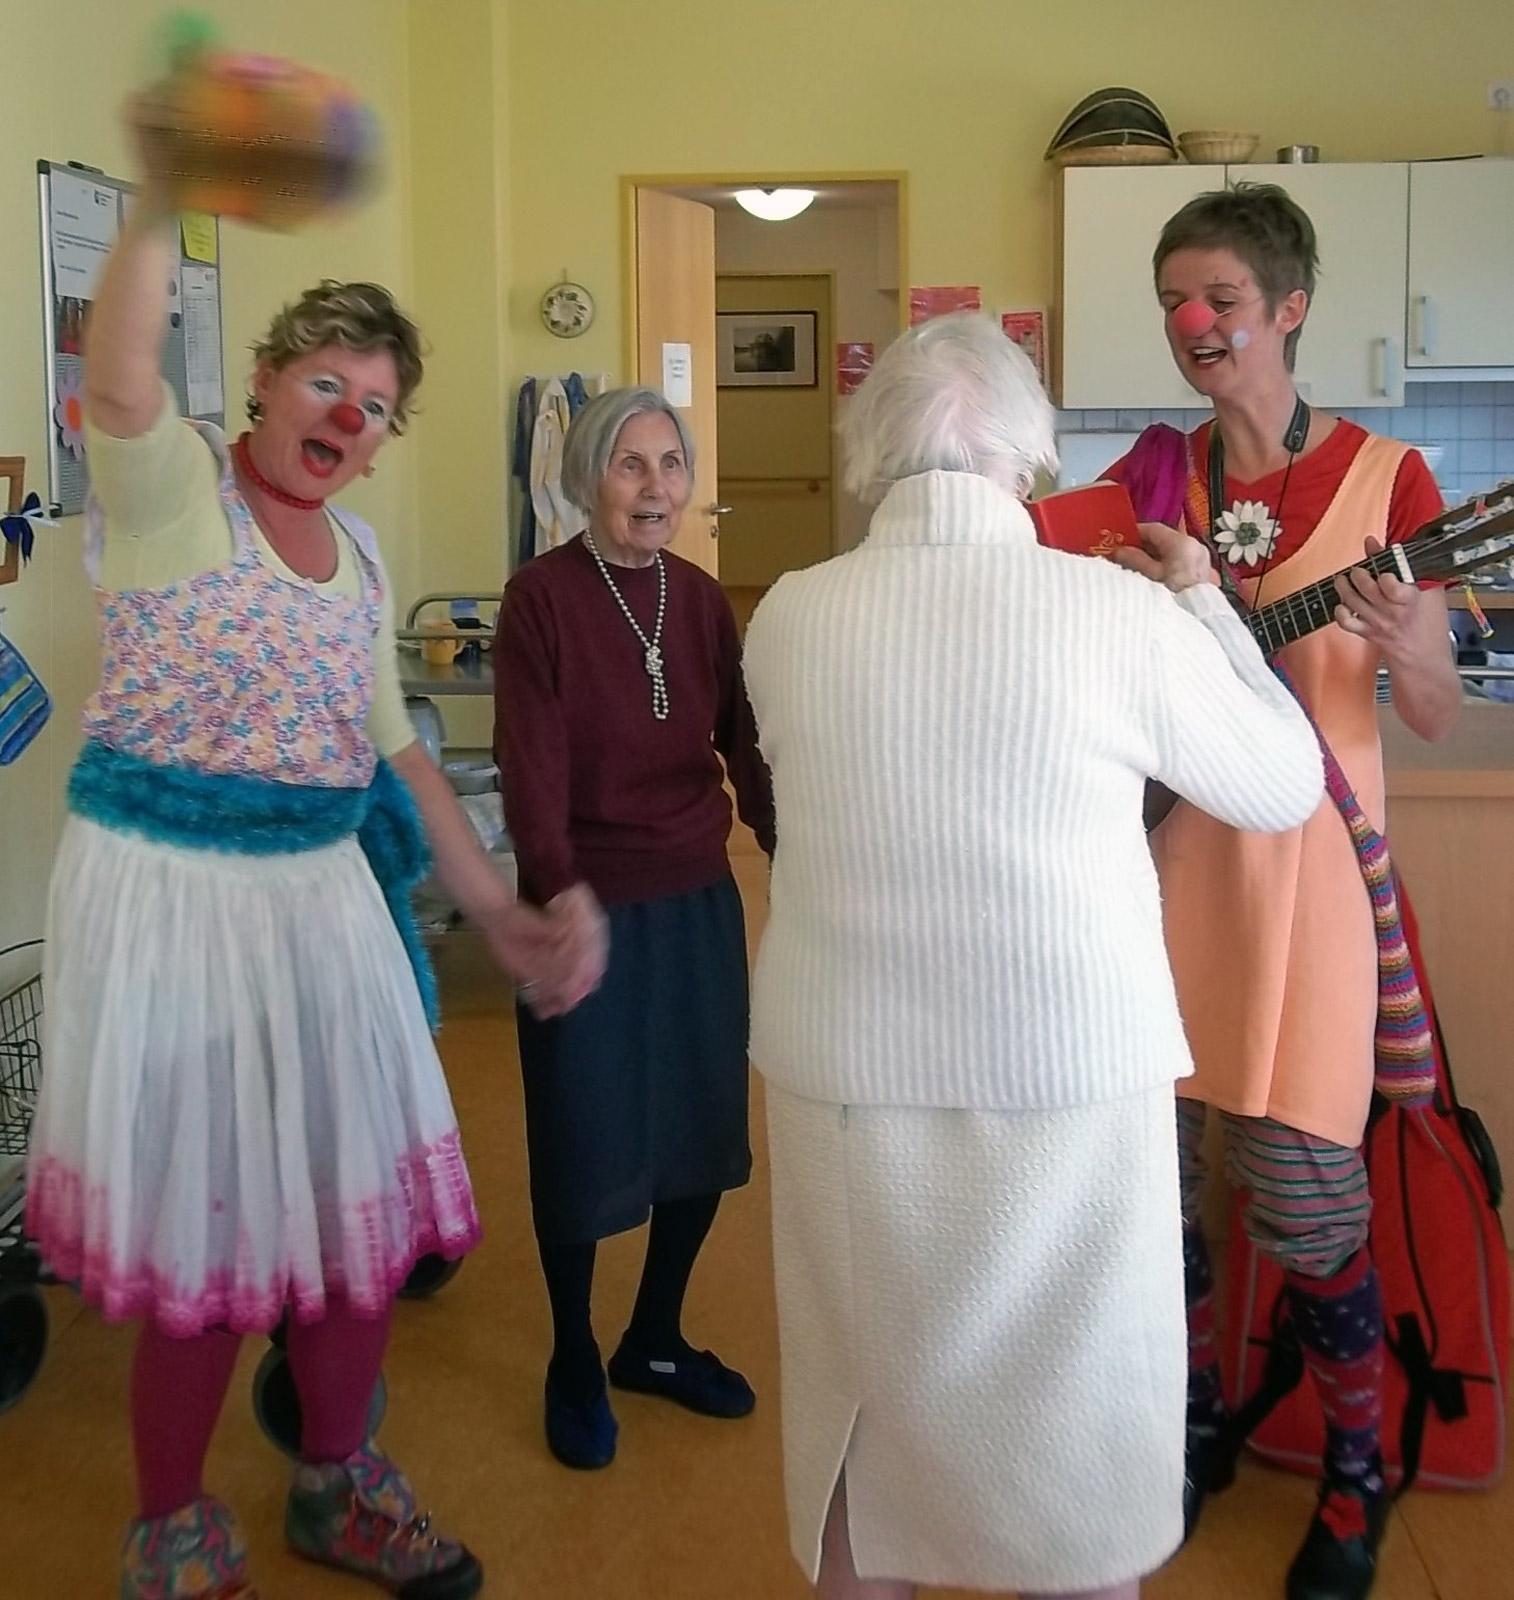 klinikclowns-seniorenheim-mai-2011-15